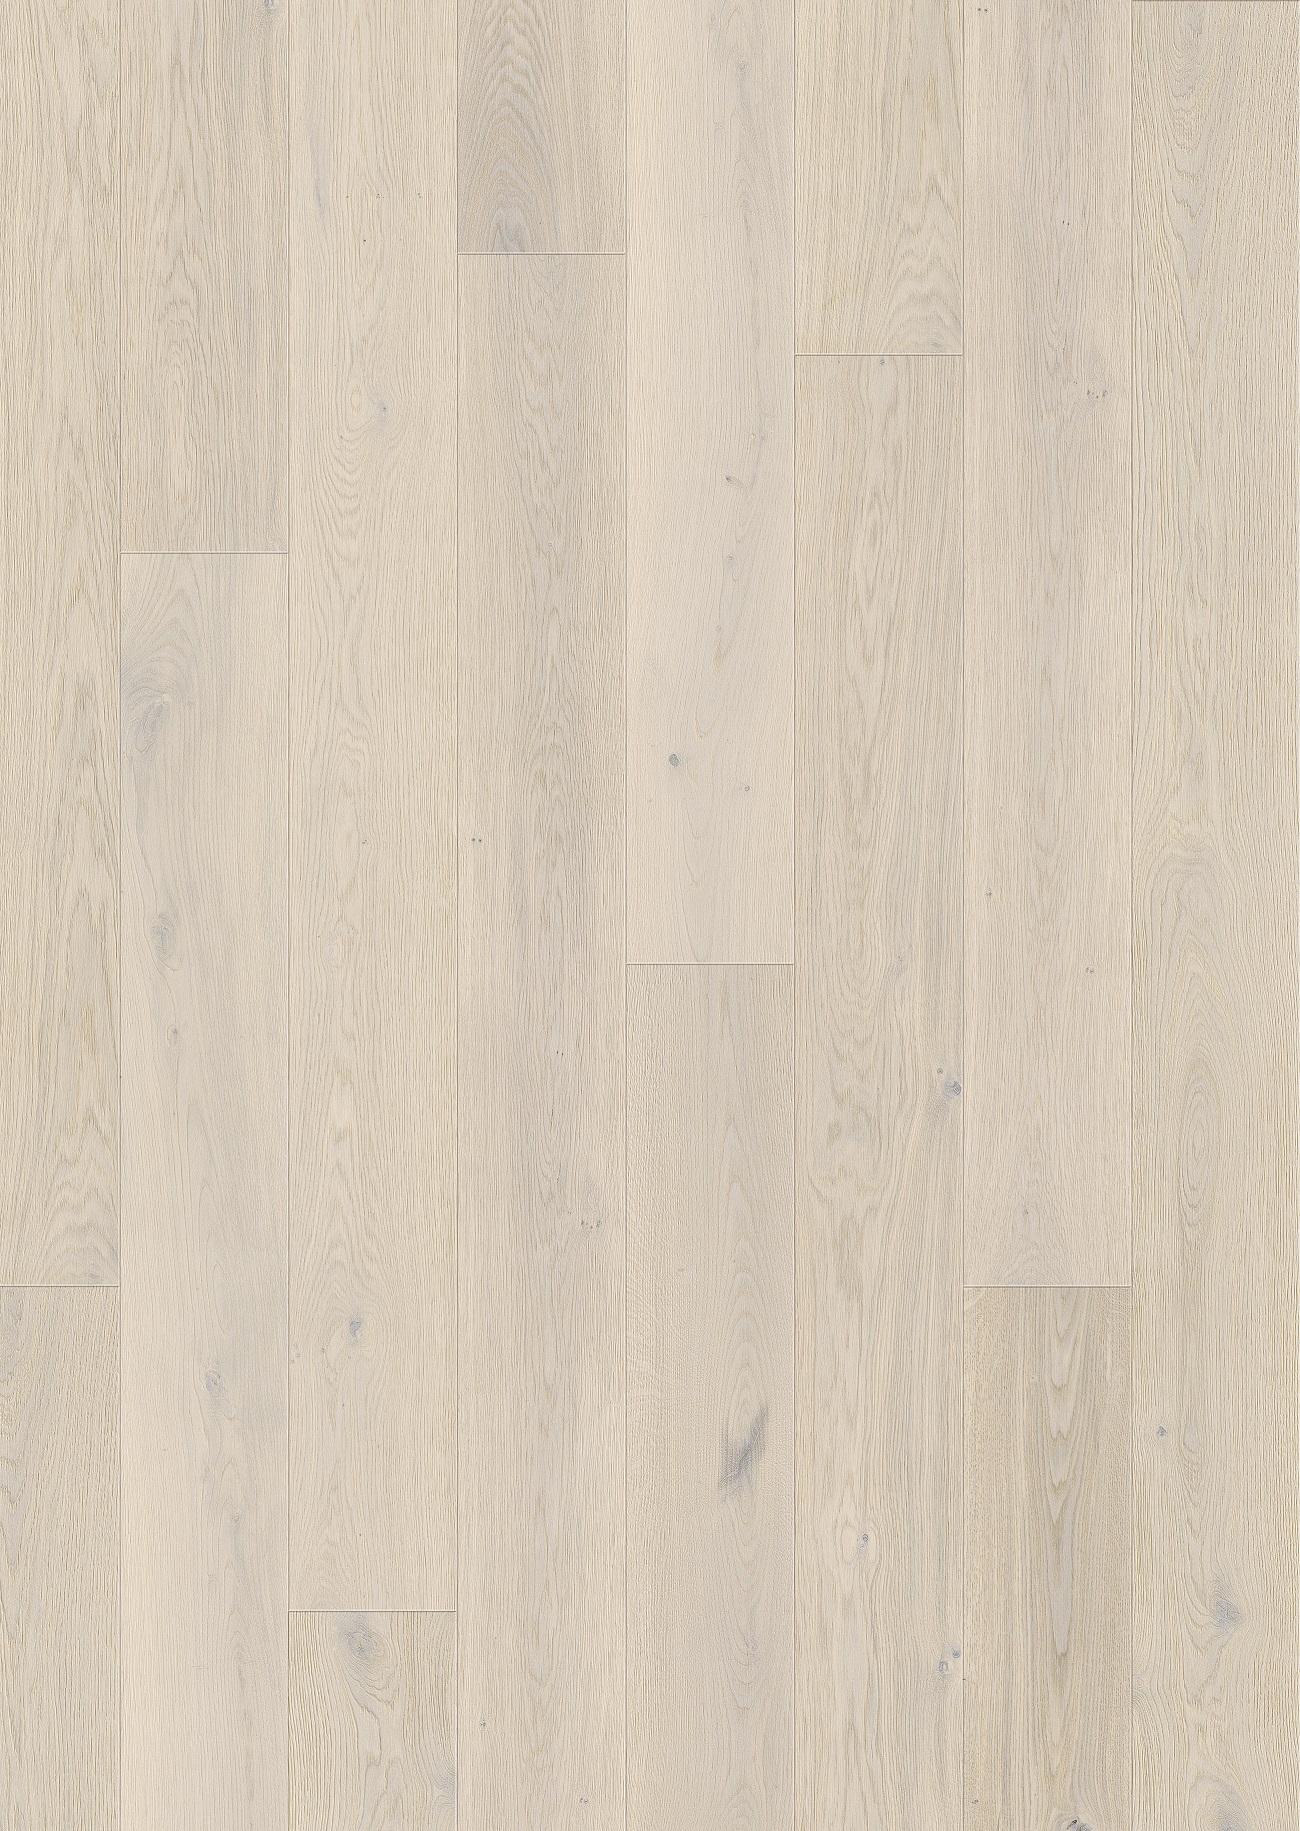 JOKA - Parkett Classic CASTLE 130 XL Eiche polar gebürstet Villa 2100 x 190 x 9,5mm